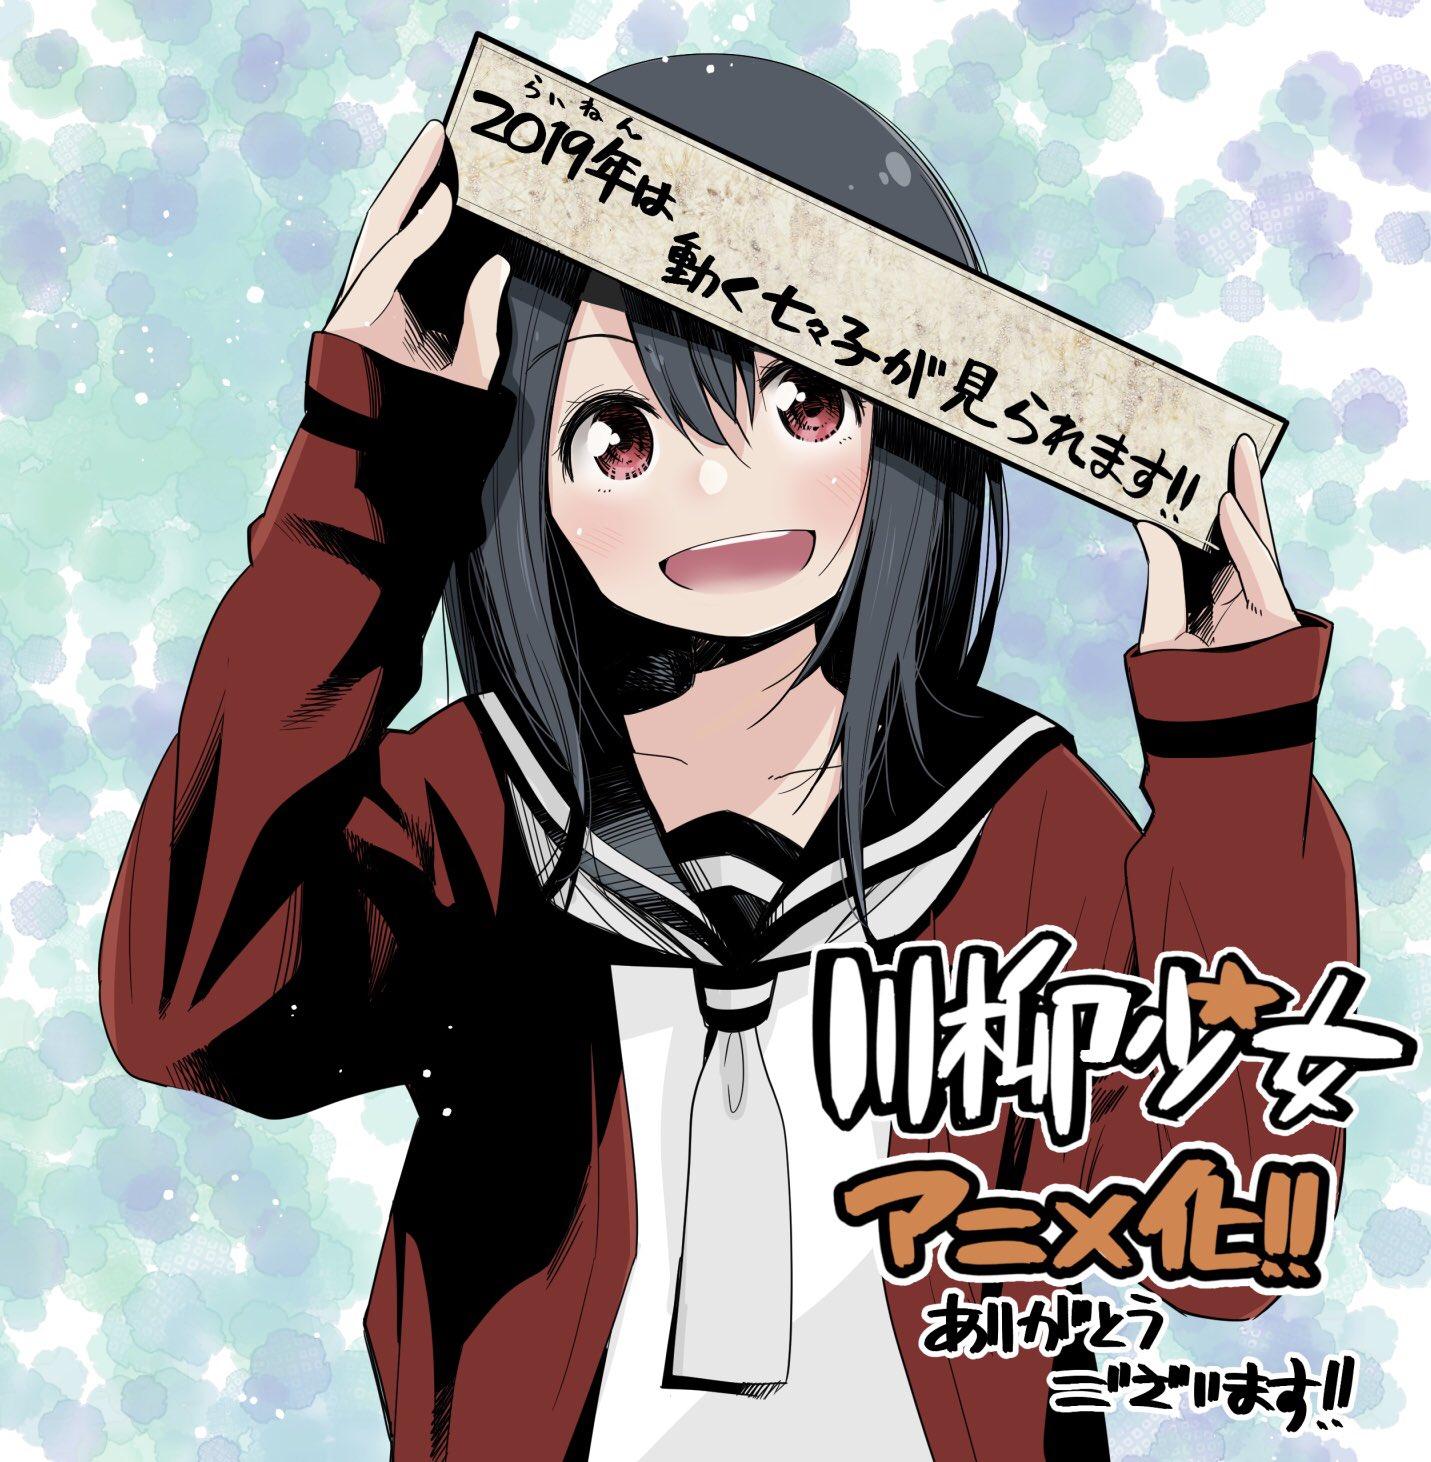 今日ACG丨漫画《川柳少女》TV动画化决定,TV动画《狂赌之渊》2期第2章PV公开-ANICOGA